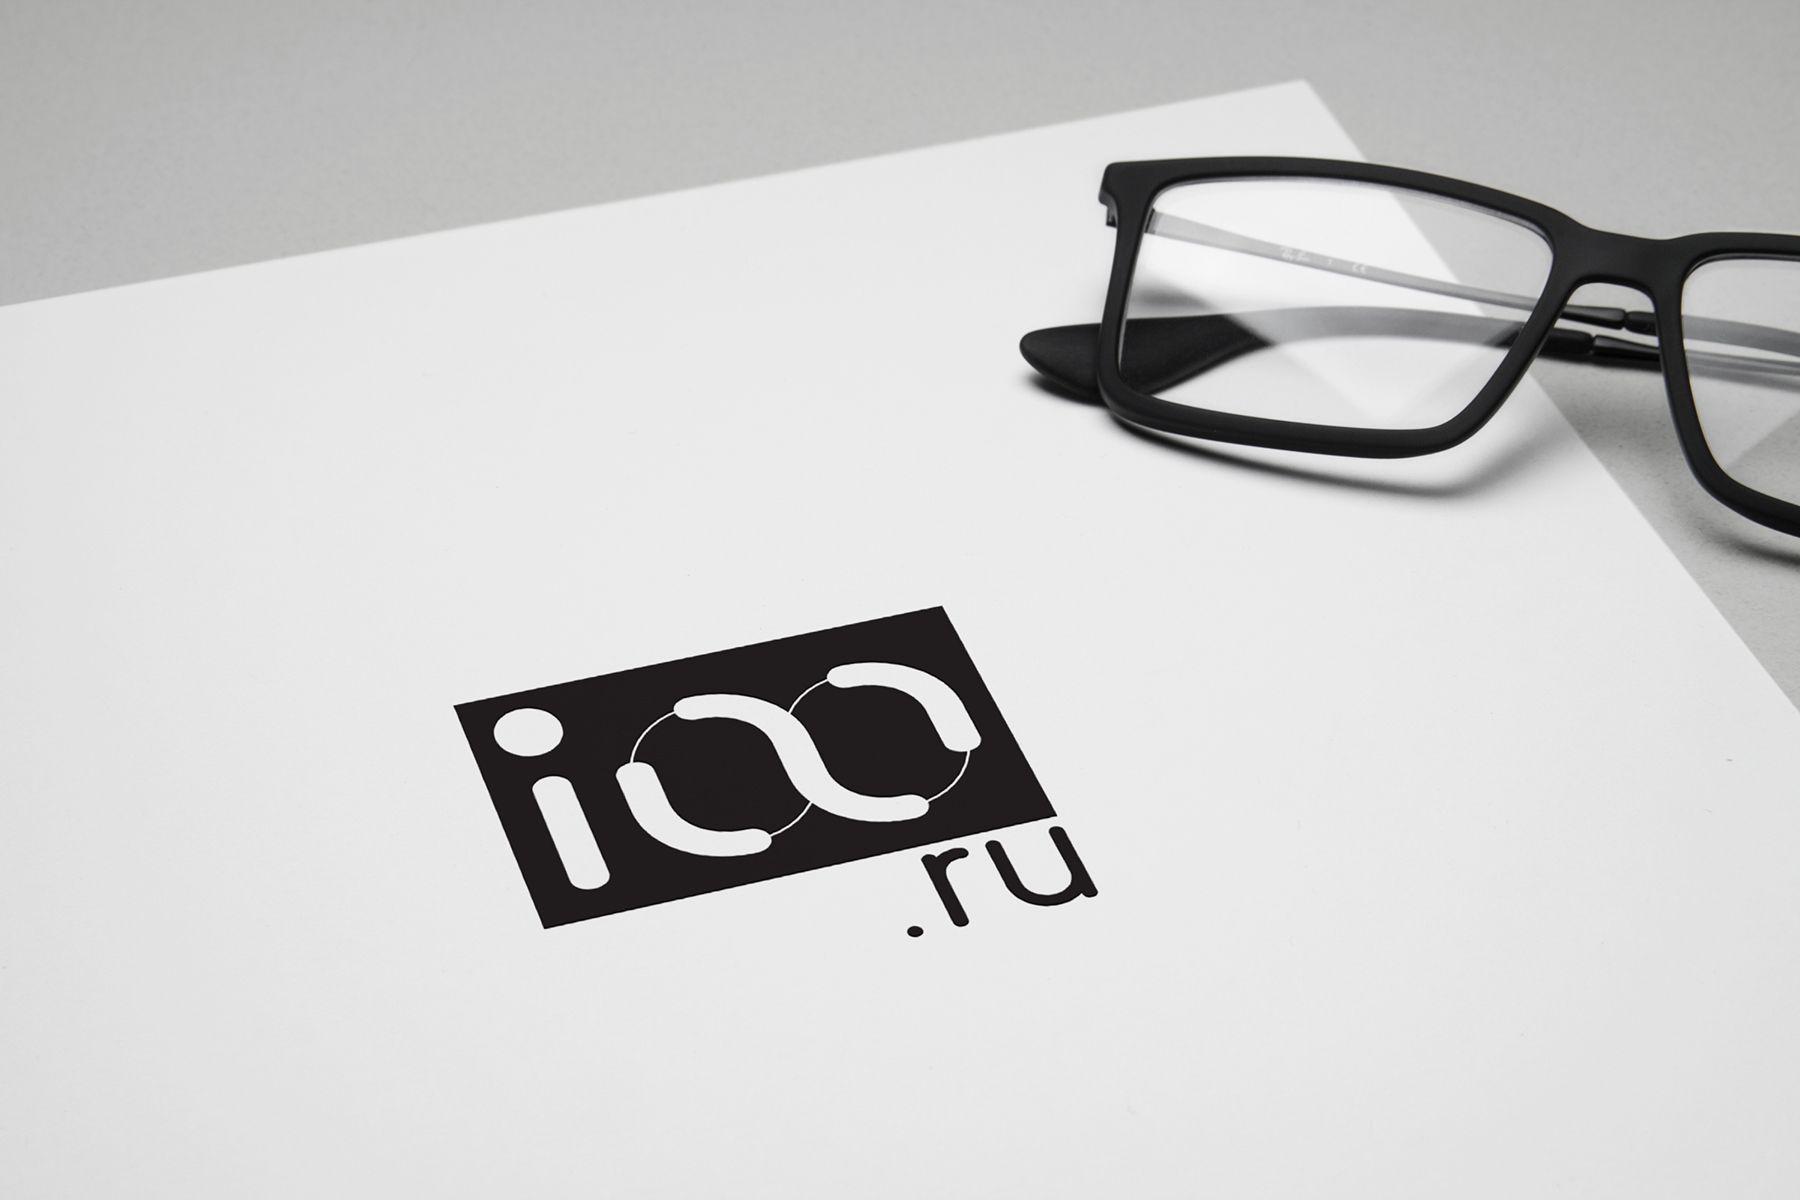 Логотип для Логотип для ioo.ru (мебель, товары для дома) - дизайнер Da4erry